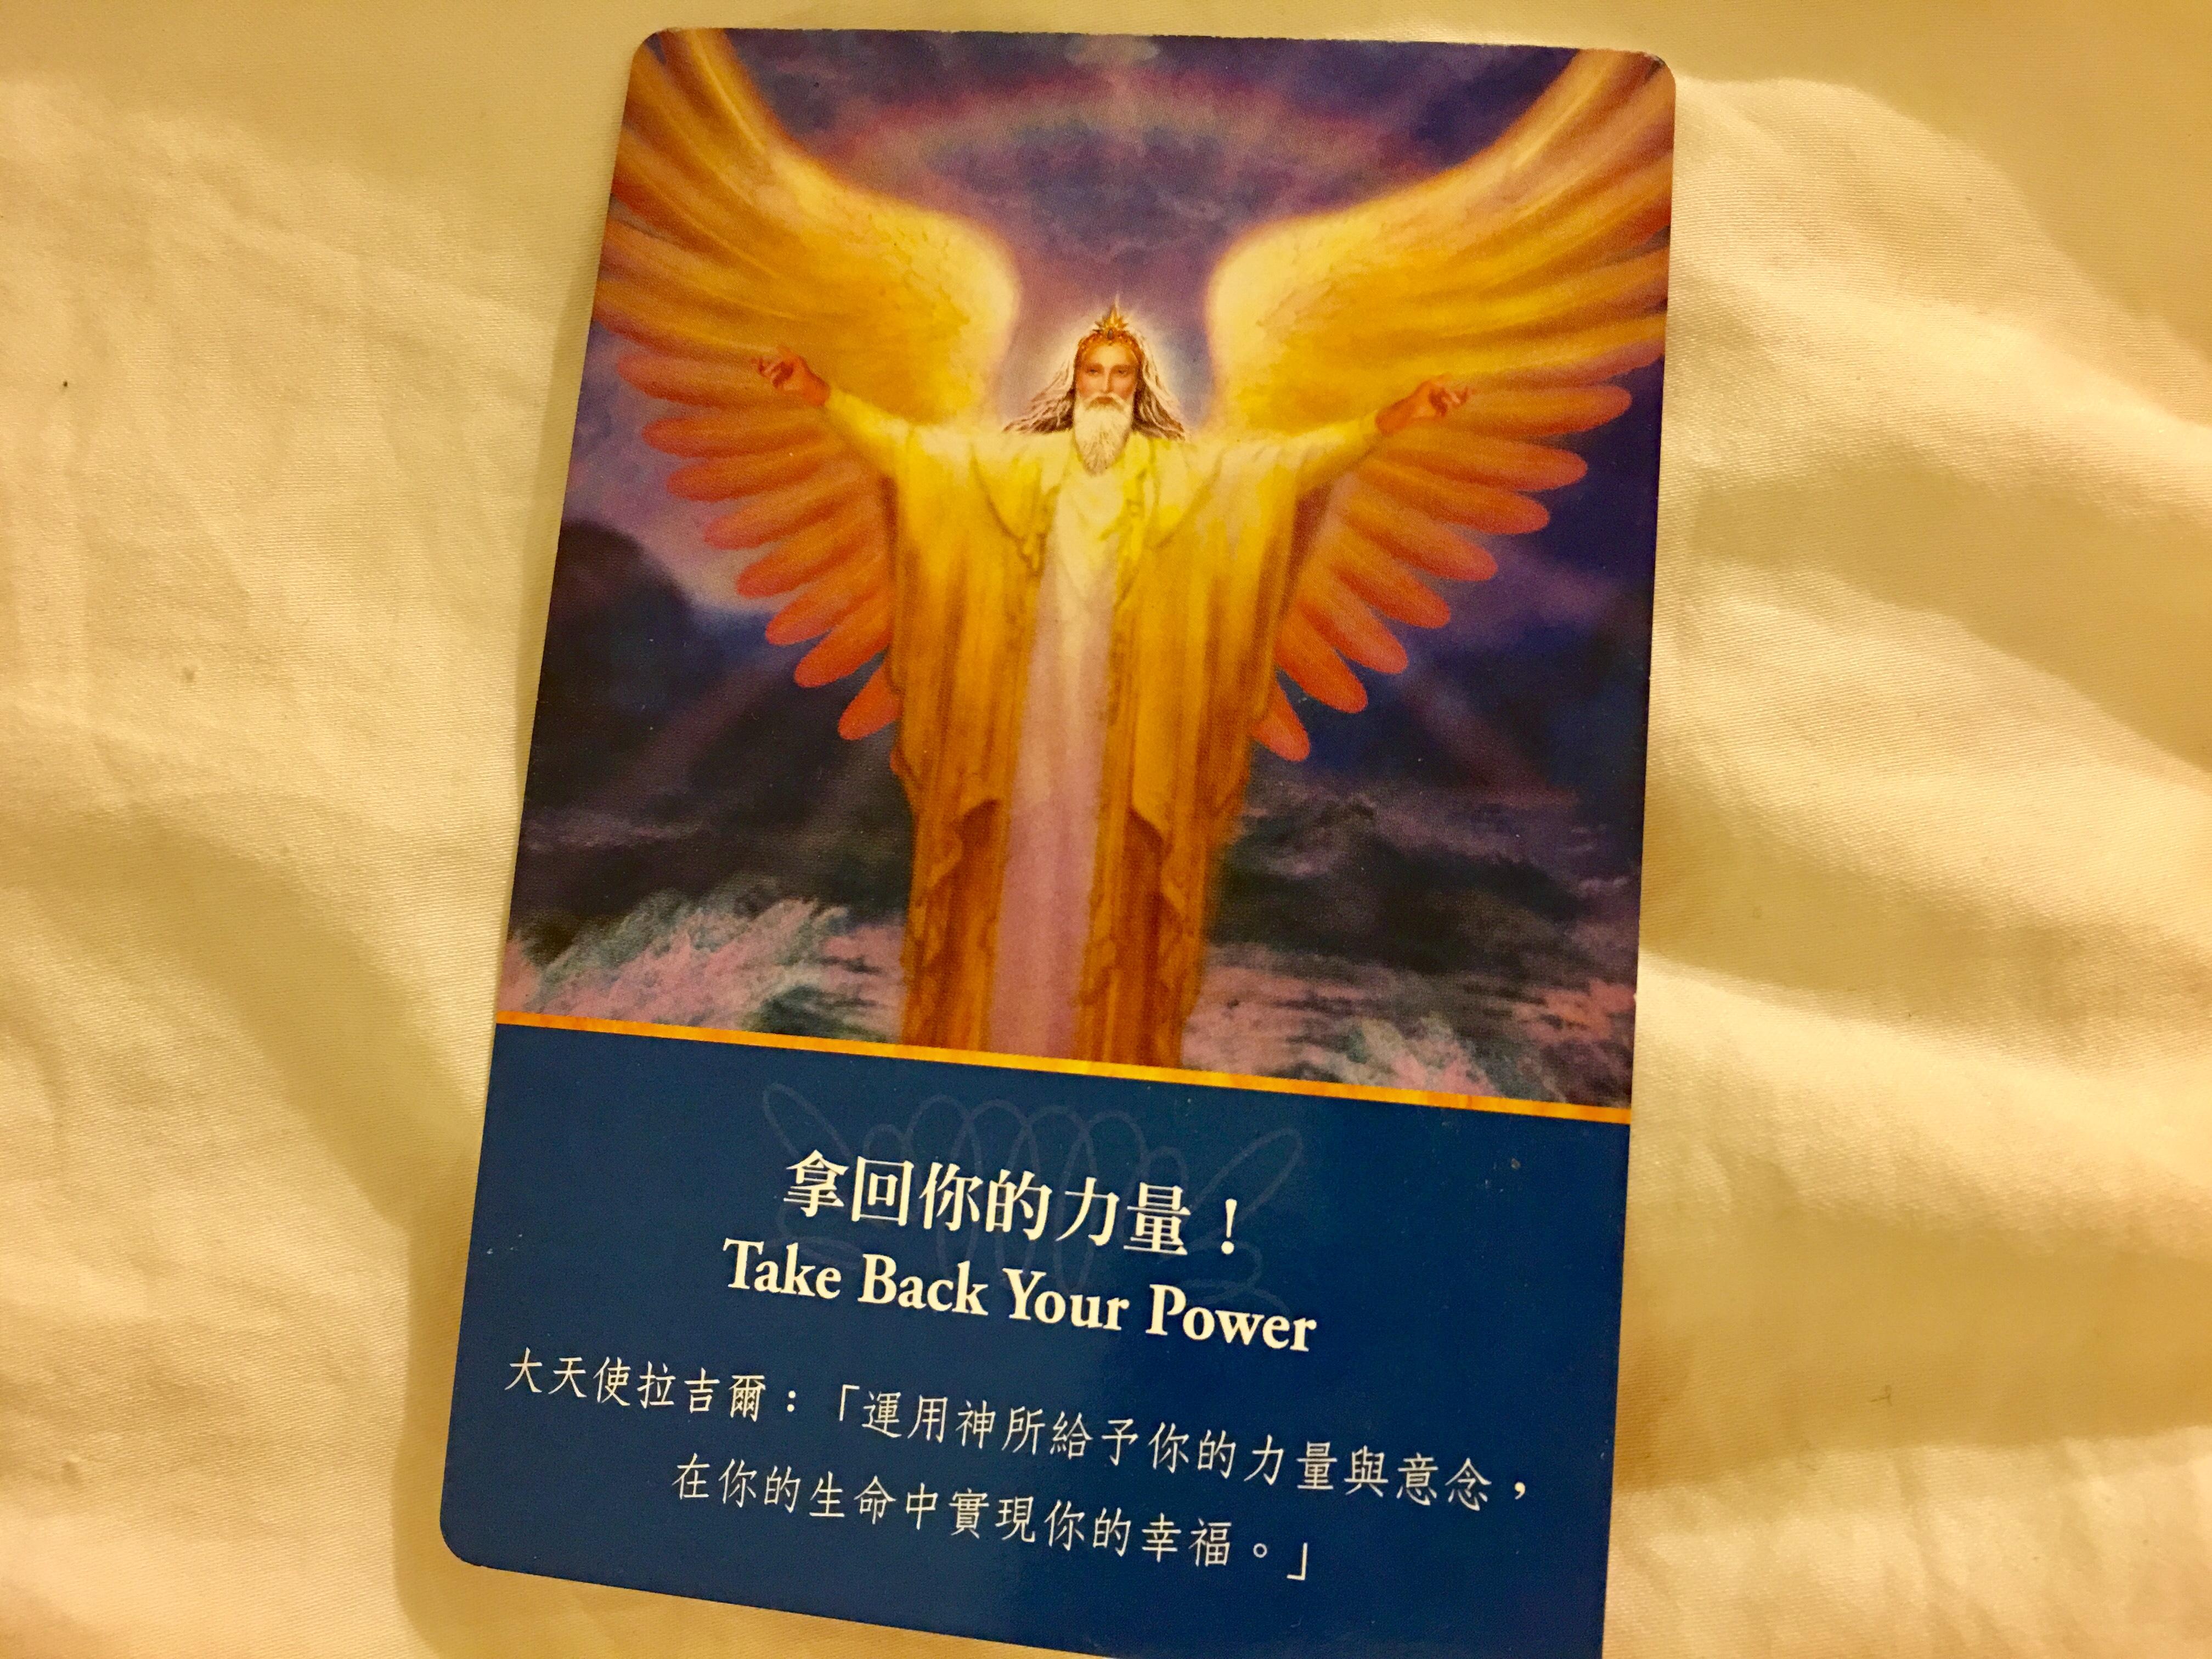 大天使 拉吉爾 拿回你的力量